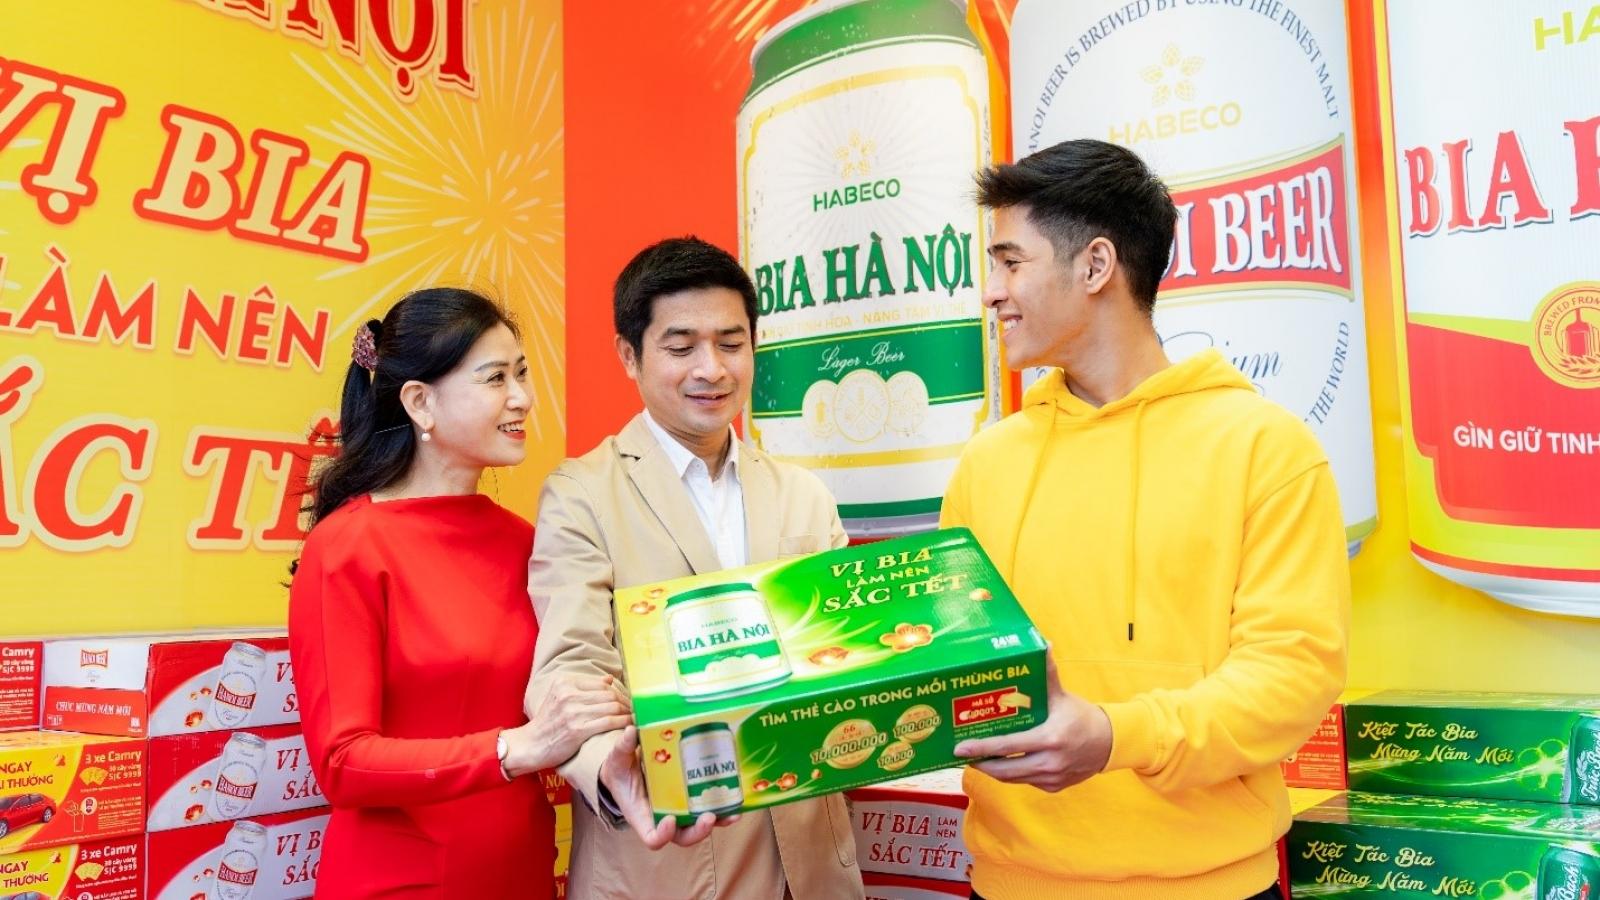 Thấy bia Hà Nội là thấy Tết - Vị bia làm nên Sắc Tết!